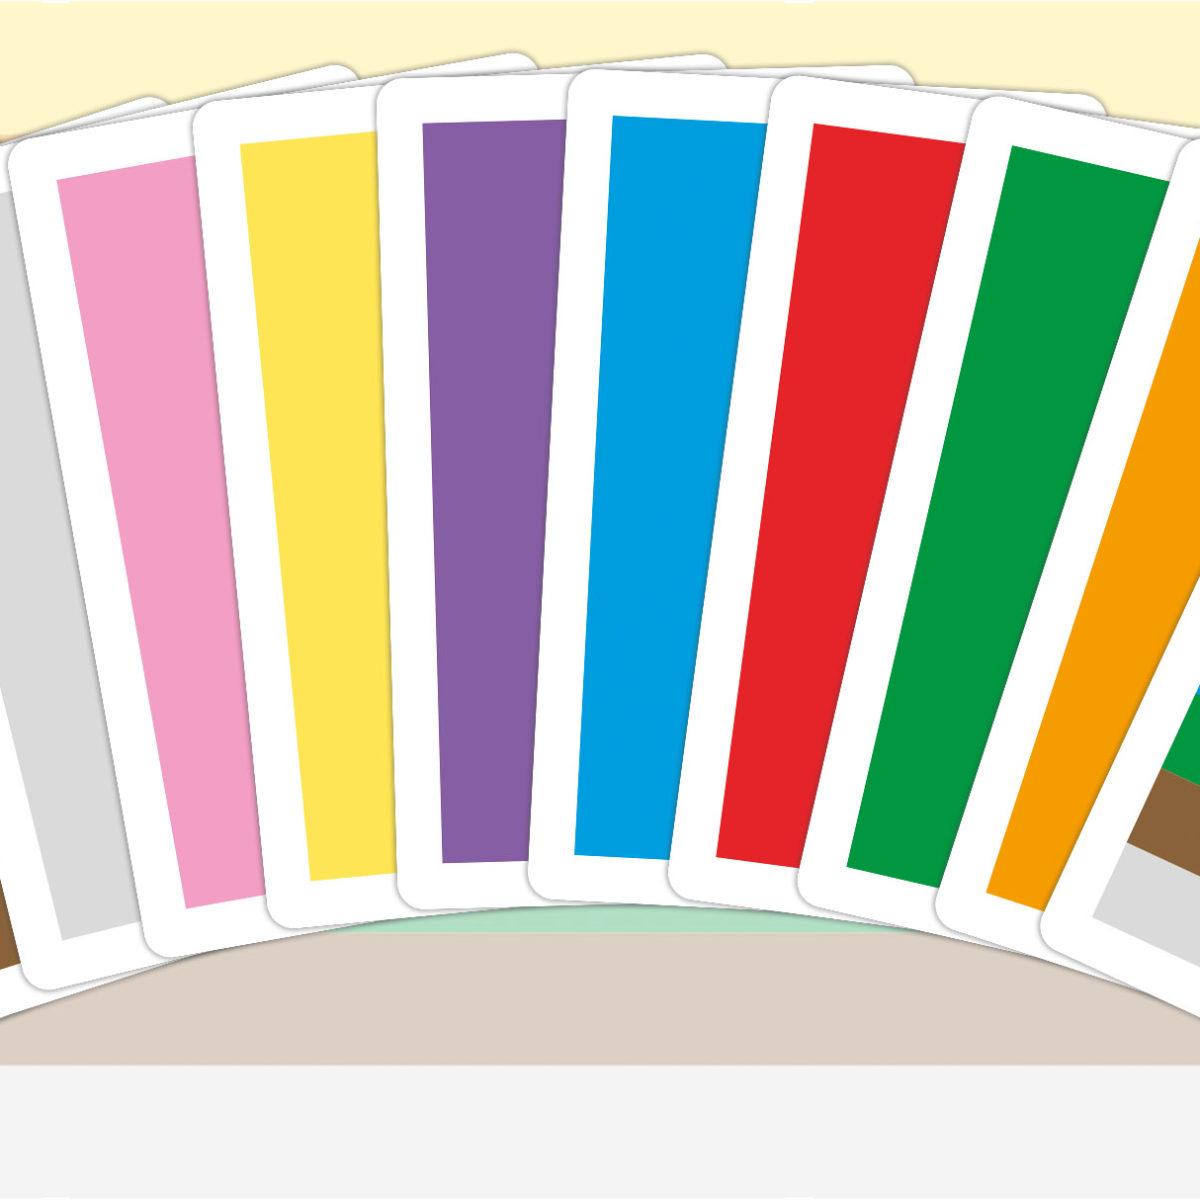 Farben_Spielmaterial_Farbkarten